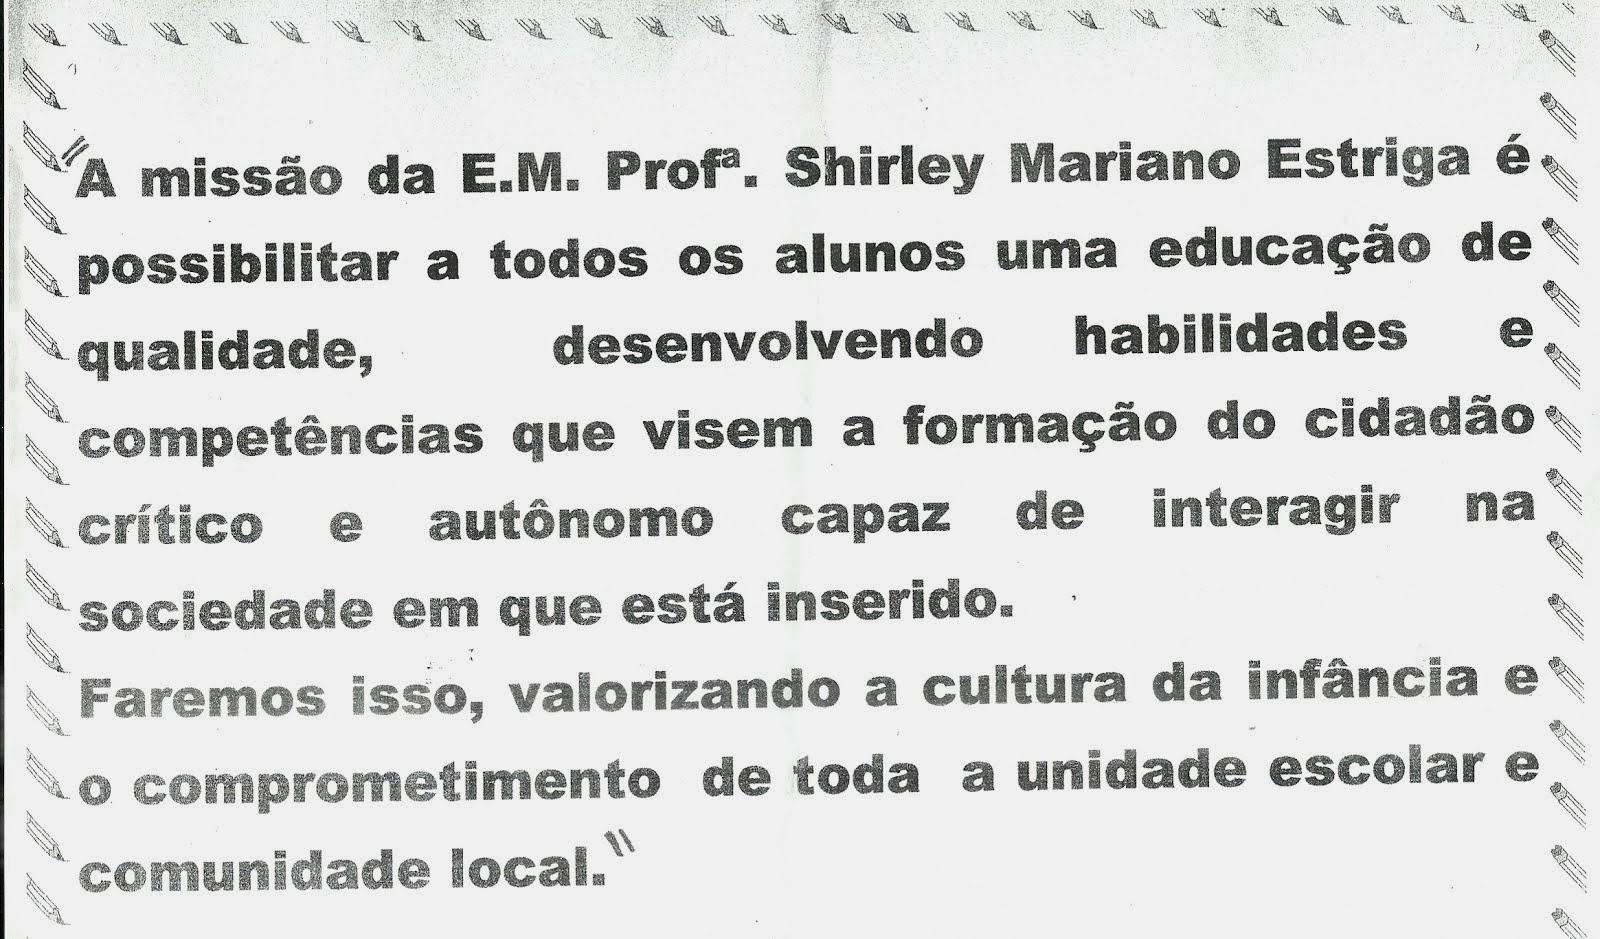 MISSÃO DA E.M.Profª. Shirley Mariano Estriga